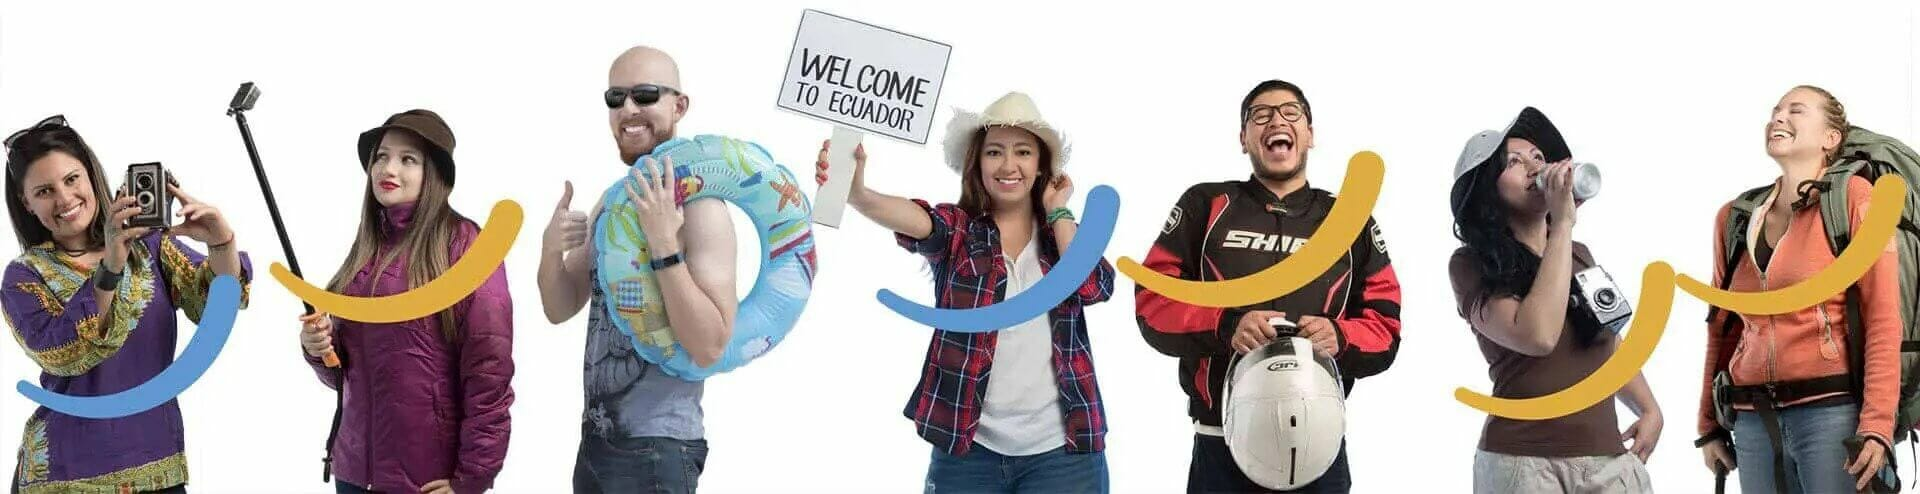 the happy gringo team ecuador